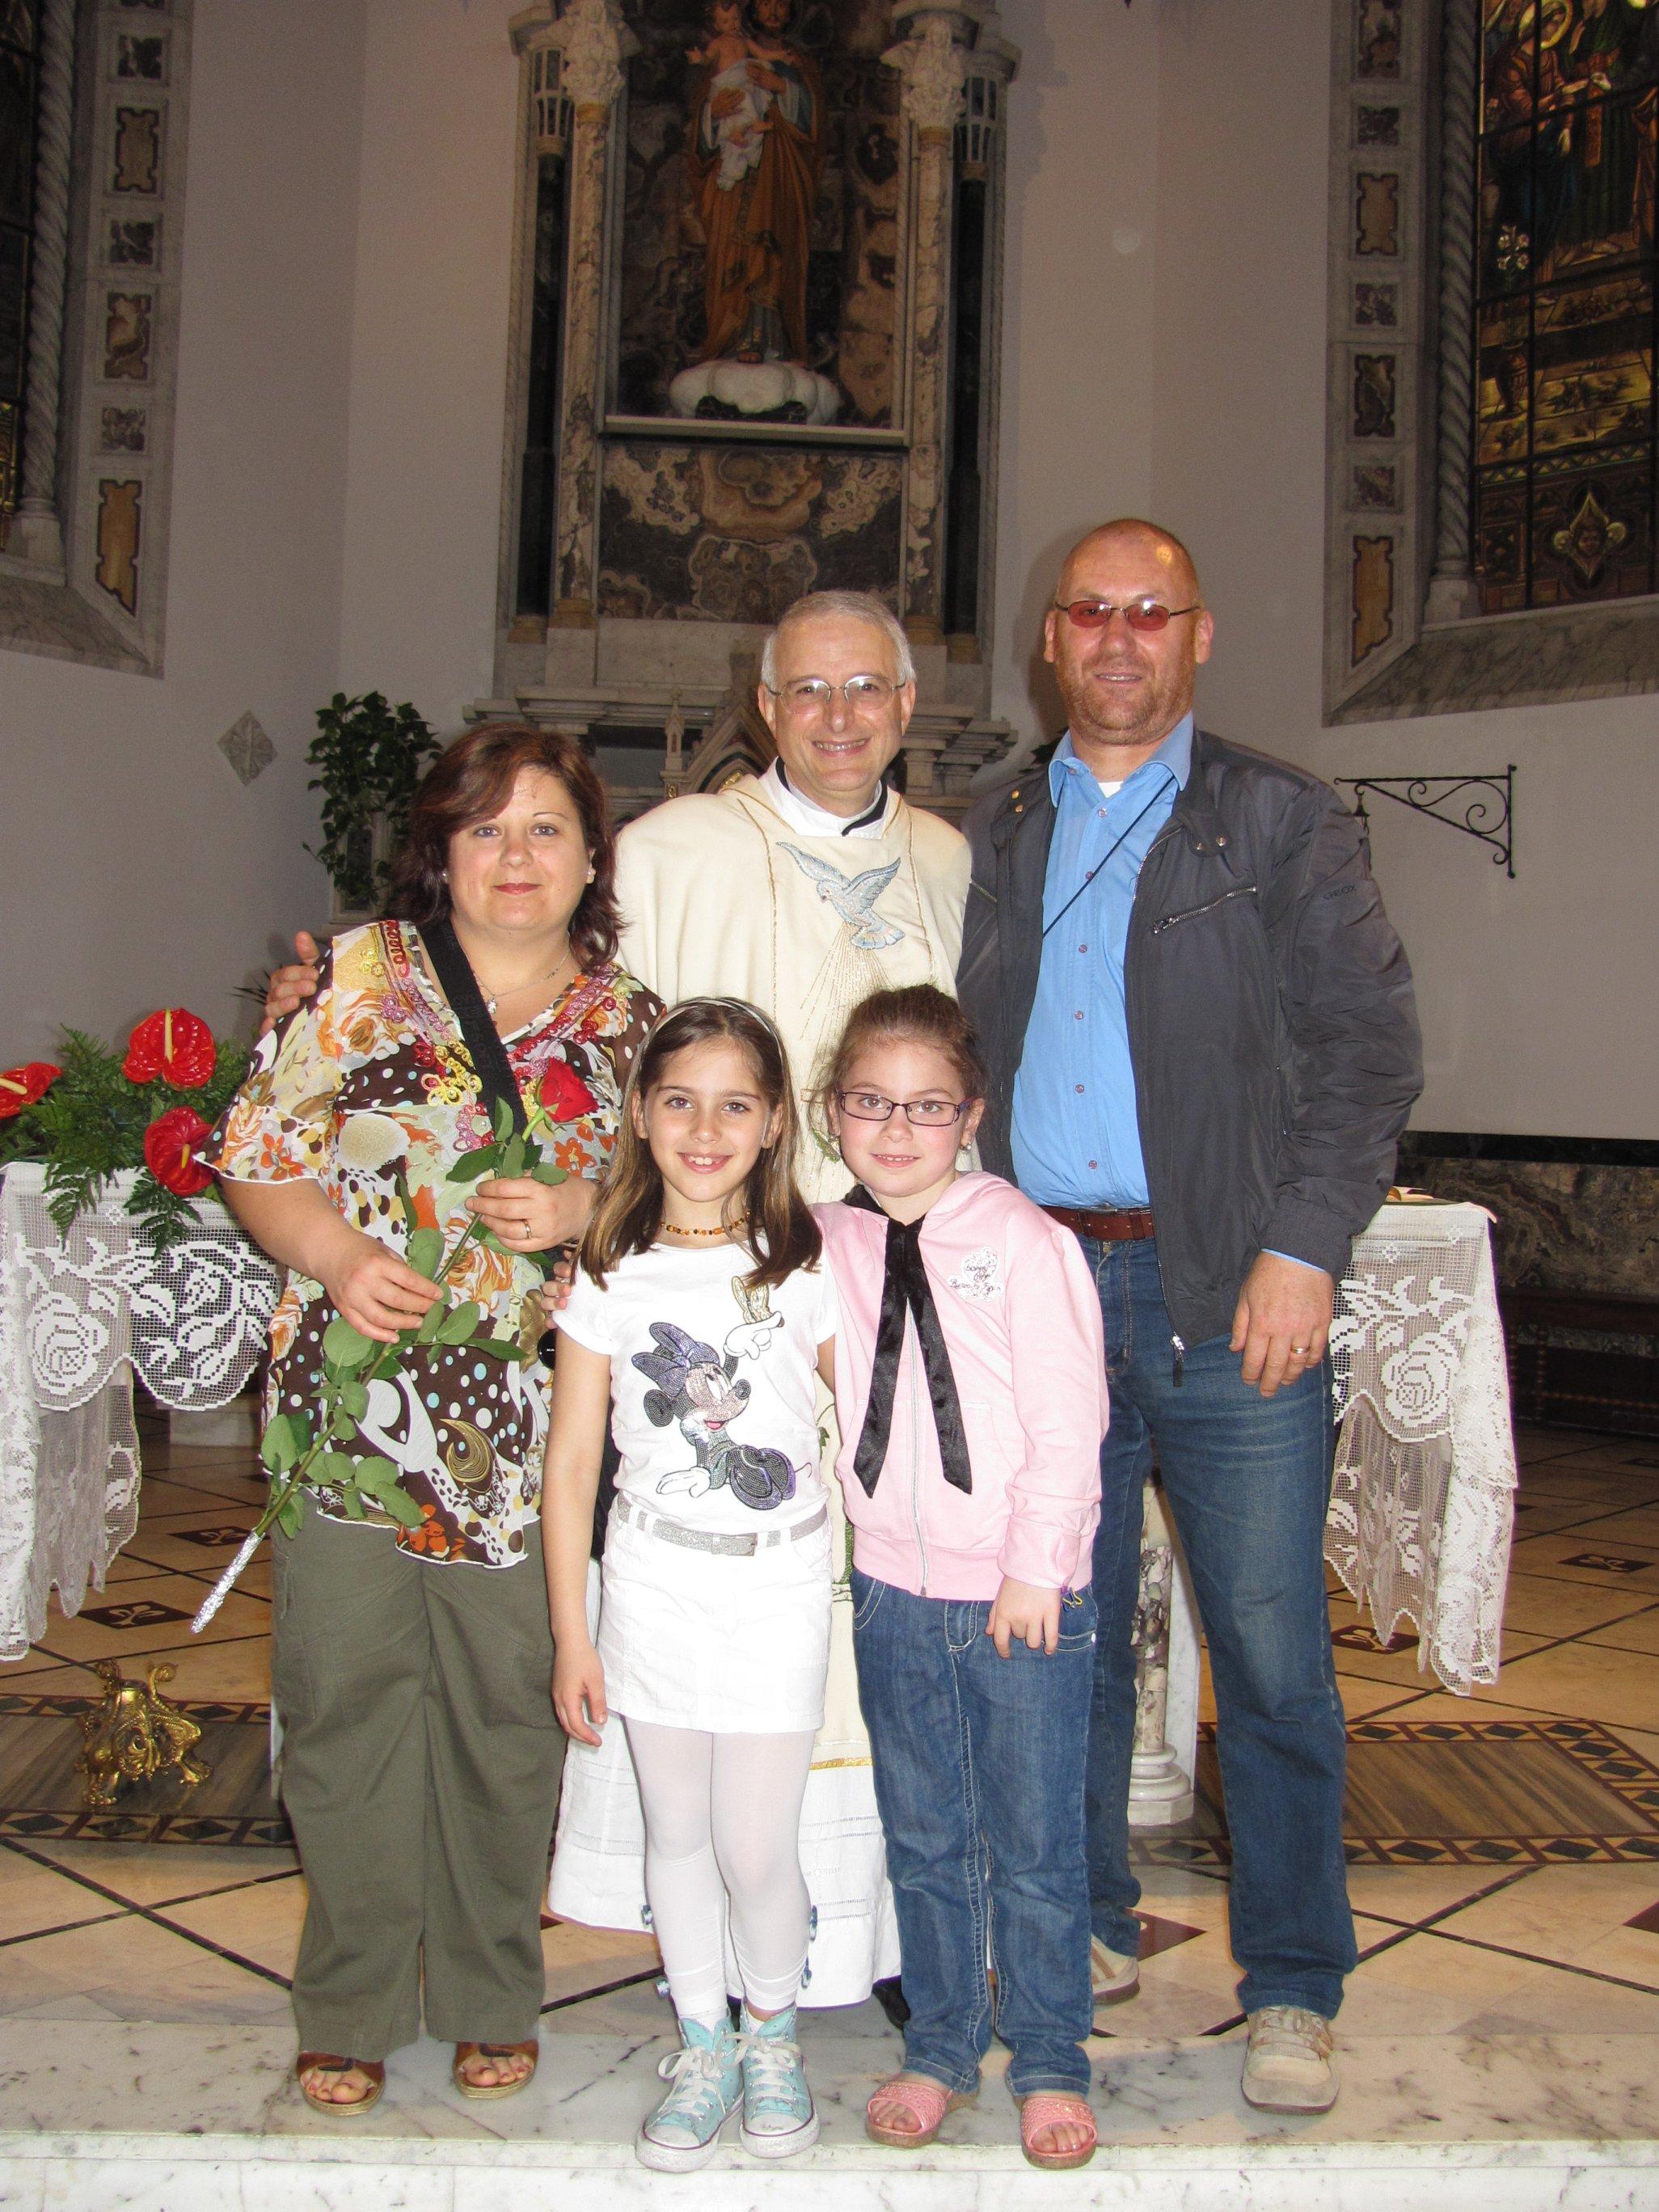 anniversari_di_matrimonio_e_di_ordinazione_2012-06-03-11-27-55